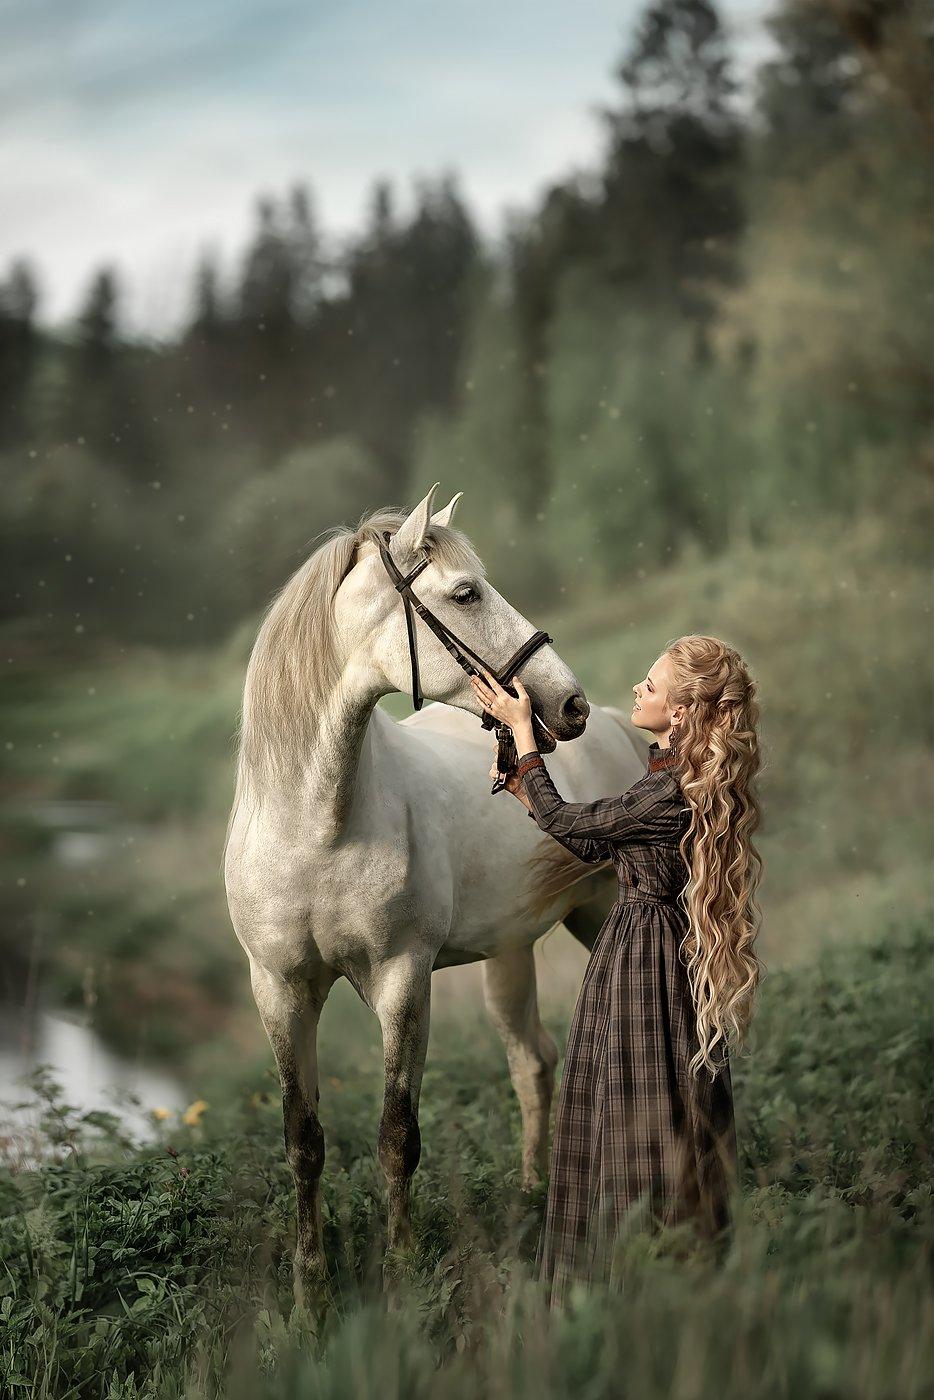 портрет, девушка, женский, портрет, лошадь, Соловьёва Елена